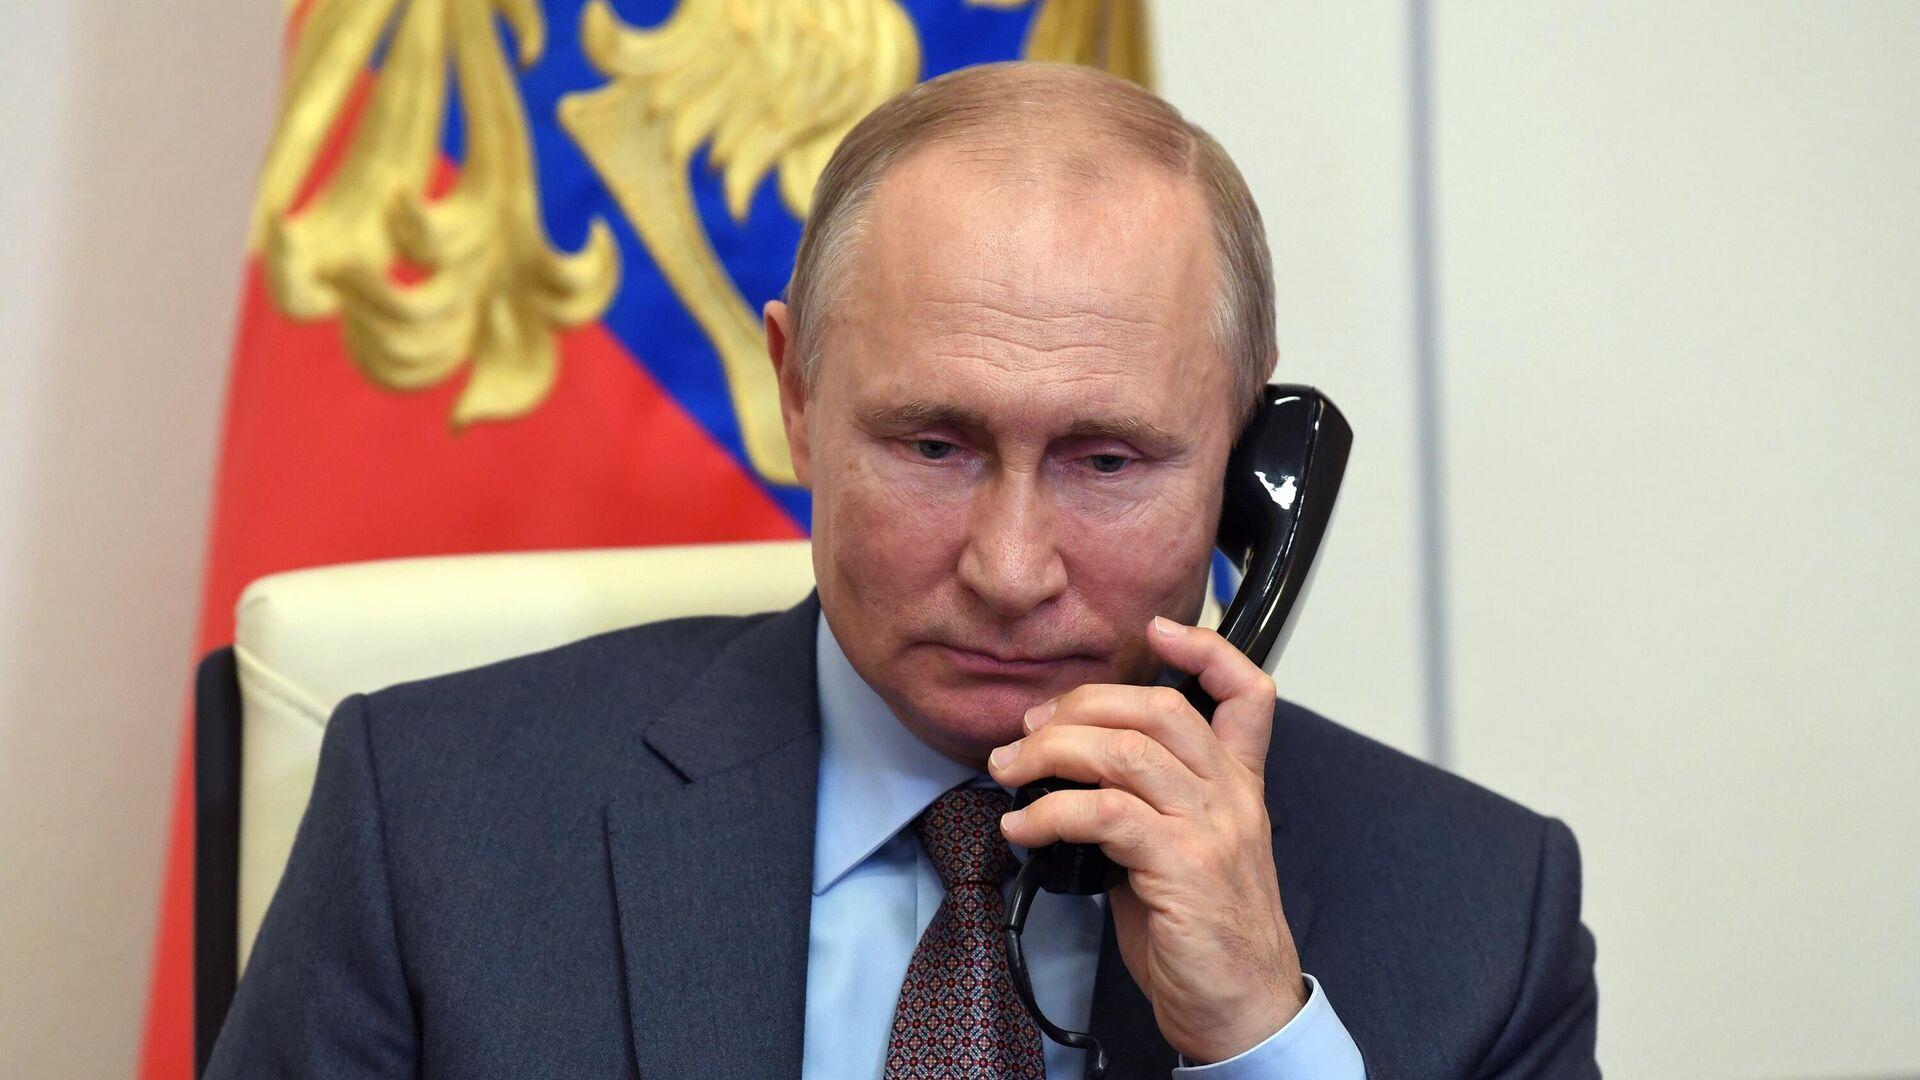 Президент РФ Владимир Путин во время встречи в режиме видеоконференции с председателем правительства РФ Михаилом Мишустиным - РИА Новости, 1920, 25.01.2021